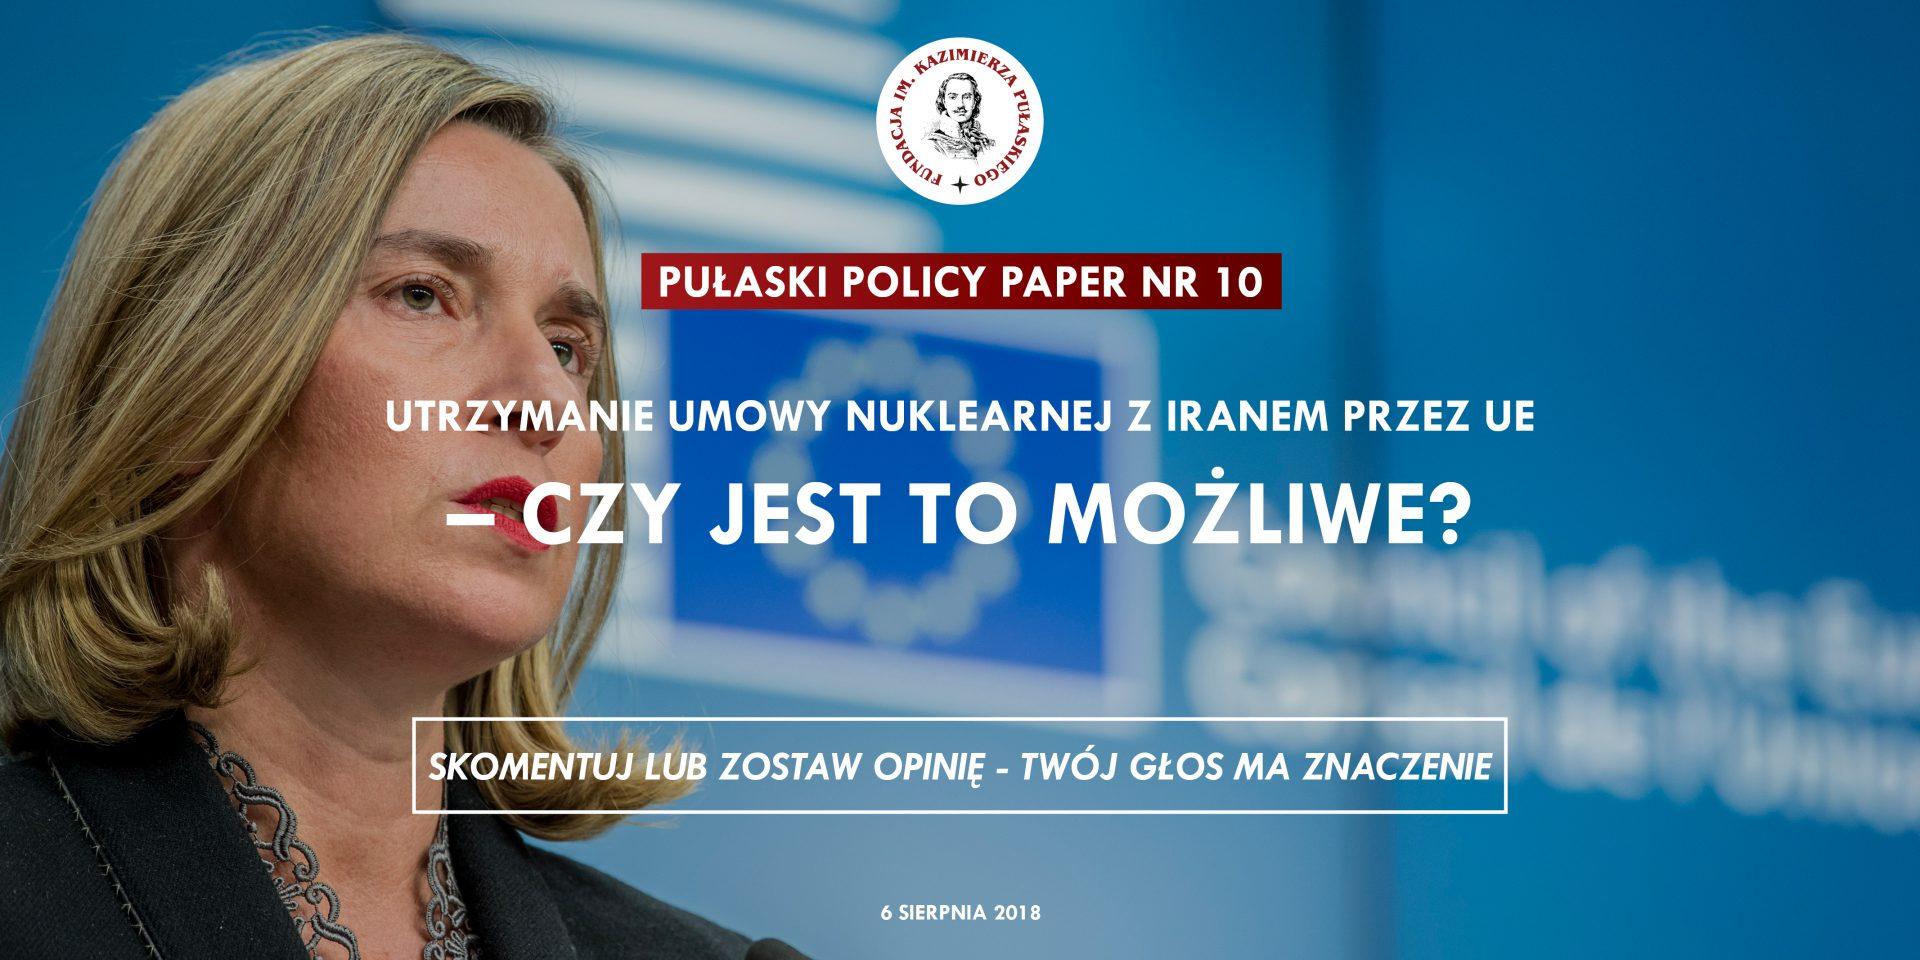 PULASKI POLICY PAPER – J. Gajda: Utrzymanie umowy nuklearnej zIranem przezUE – czyjest tomożliwe?